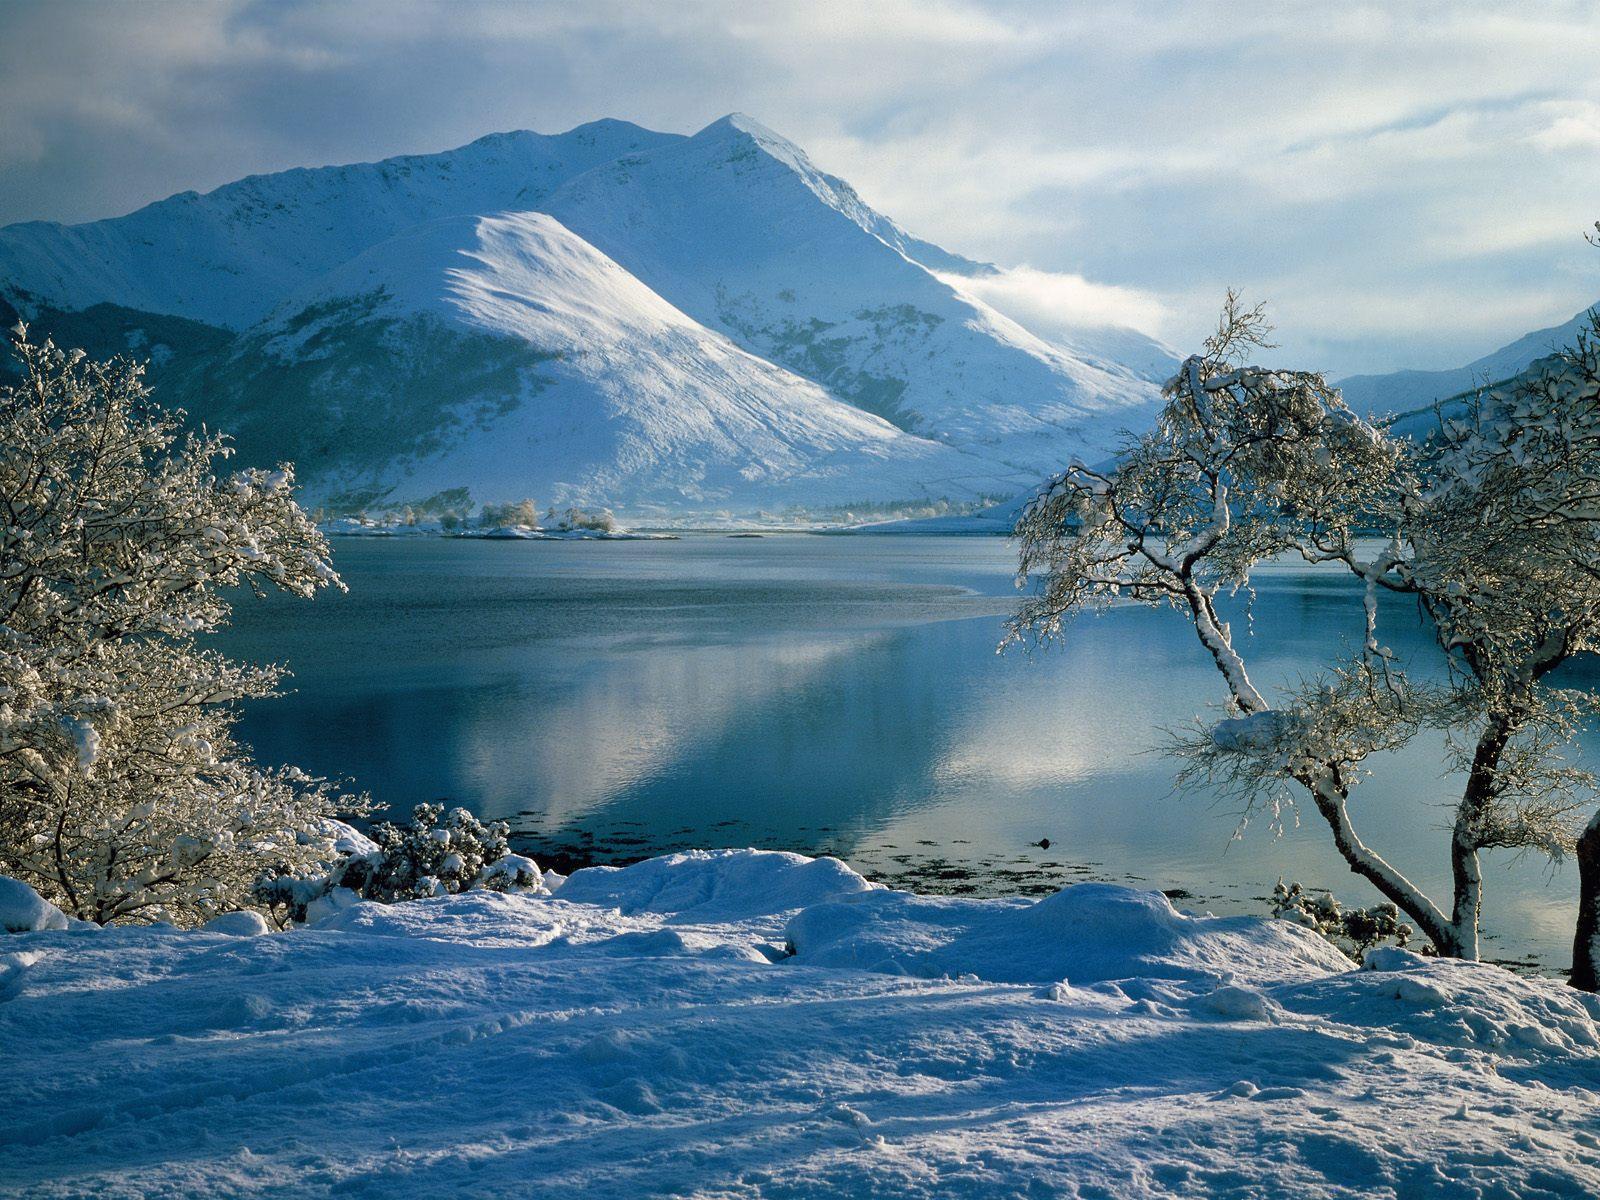 Popular   Wallpaper Home Screen Mountain - Still+in+Winter  Photograph_173894.jpg